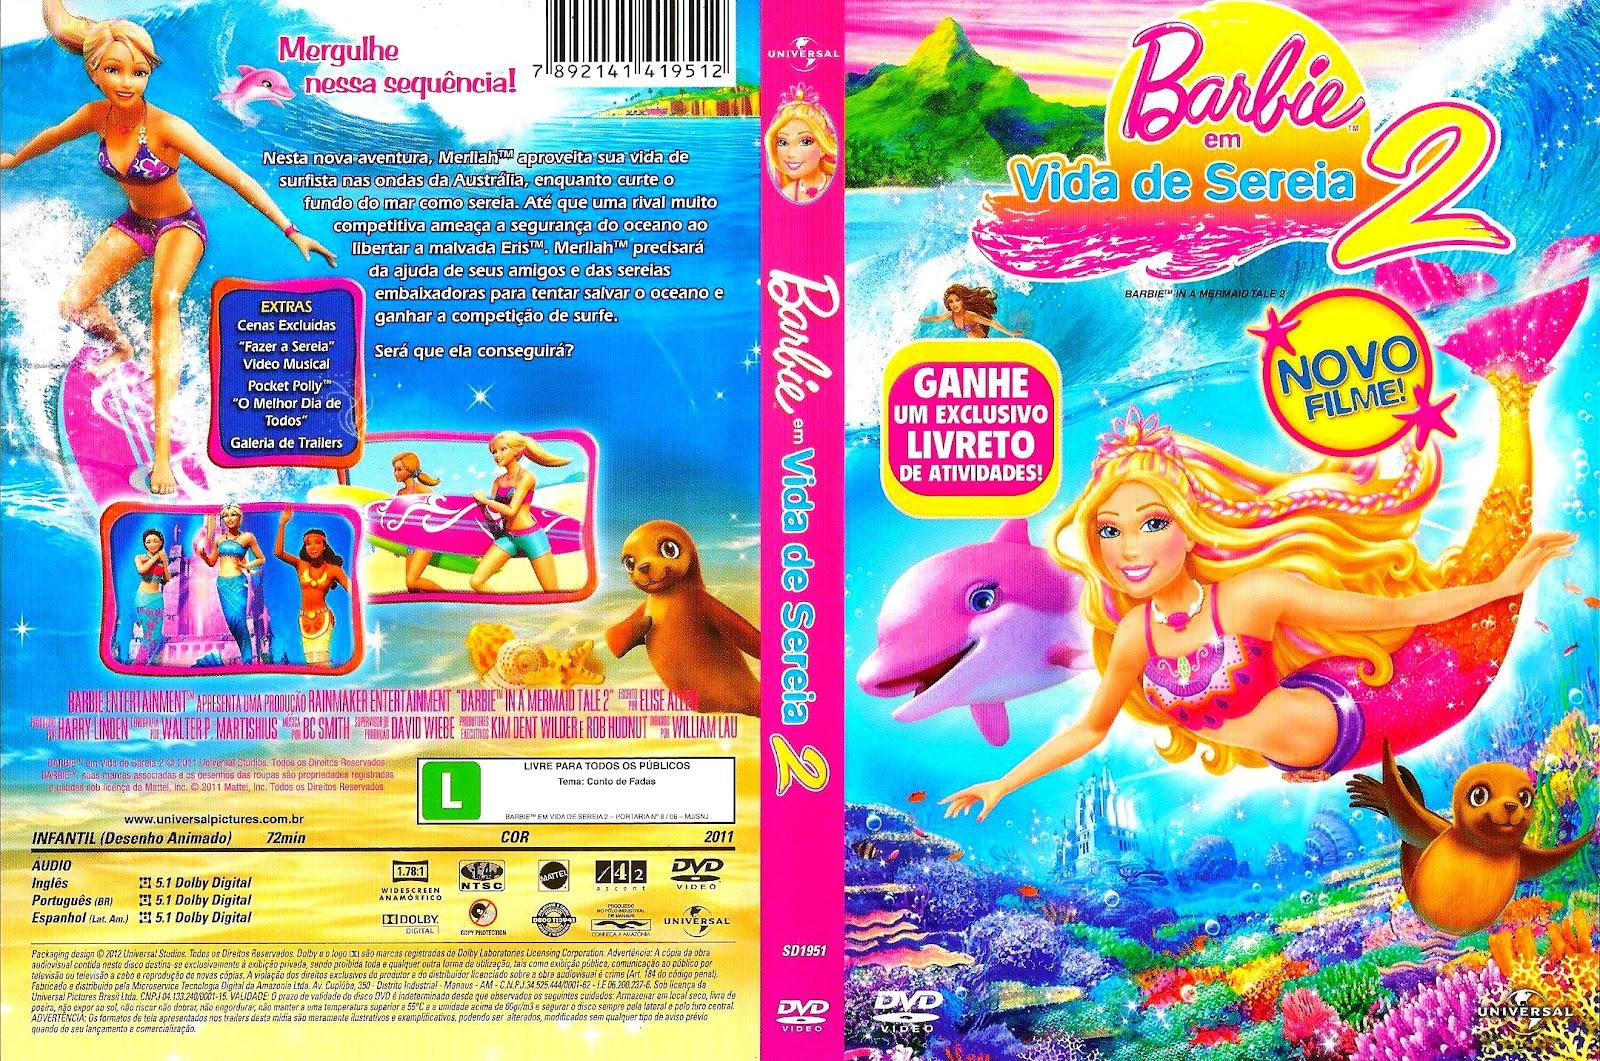 imagens para colorir da barbie em vida de sereia 2 - Jogo Barbie Sereia Jogos de Pintar